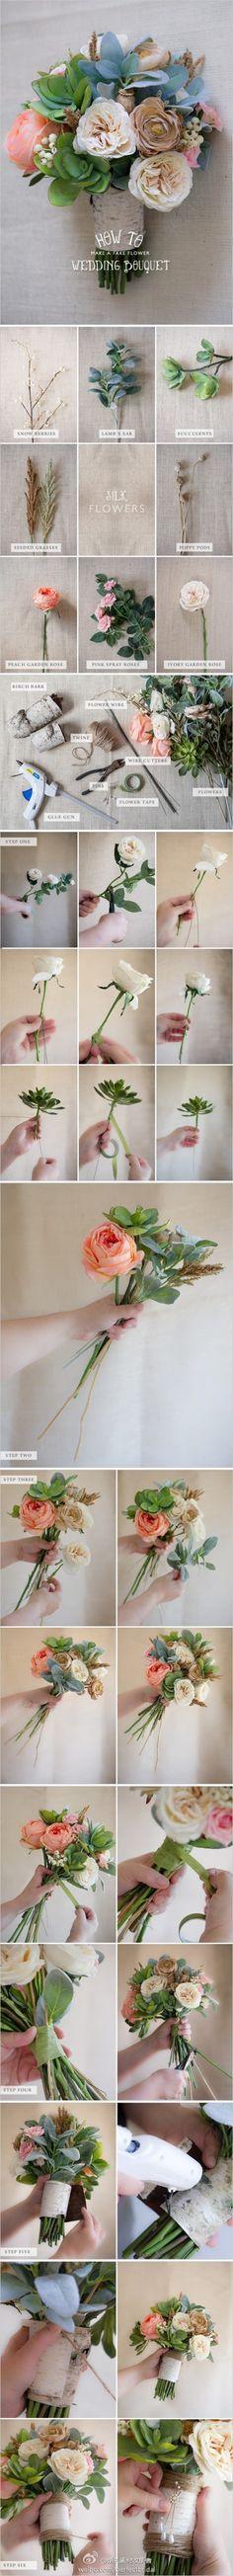 How to make own wedding bouquet, Cool Flower Crafts , Paper Crafts for Teens , paper, craft, flower,wrap, gift, decor,blumen,basteln,bastelvorlage,tutorial diy, spring kids crafts, paper flowers, handmade weddi